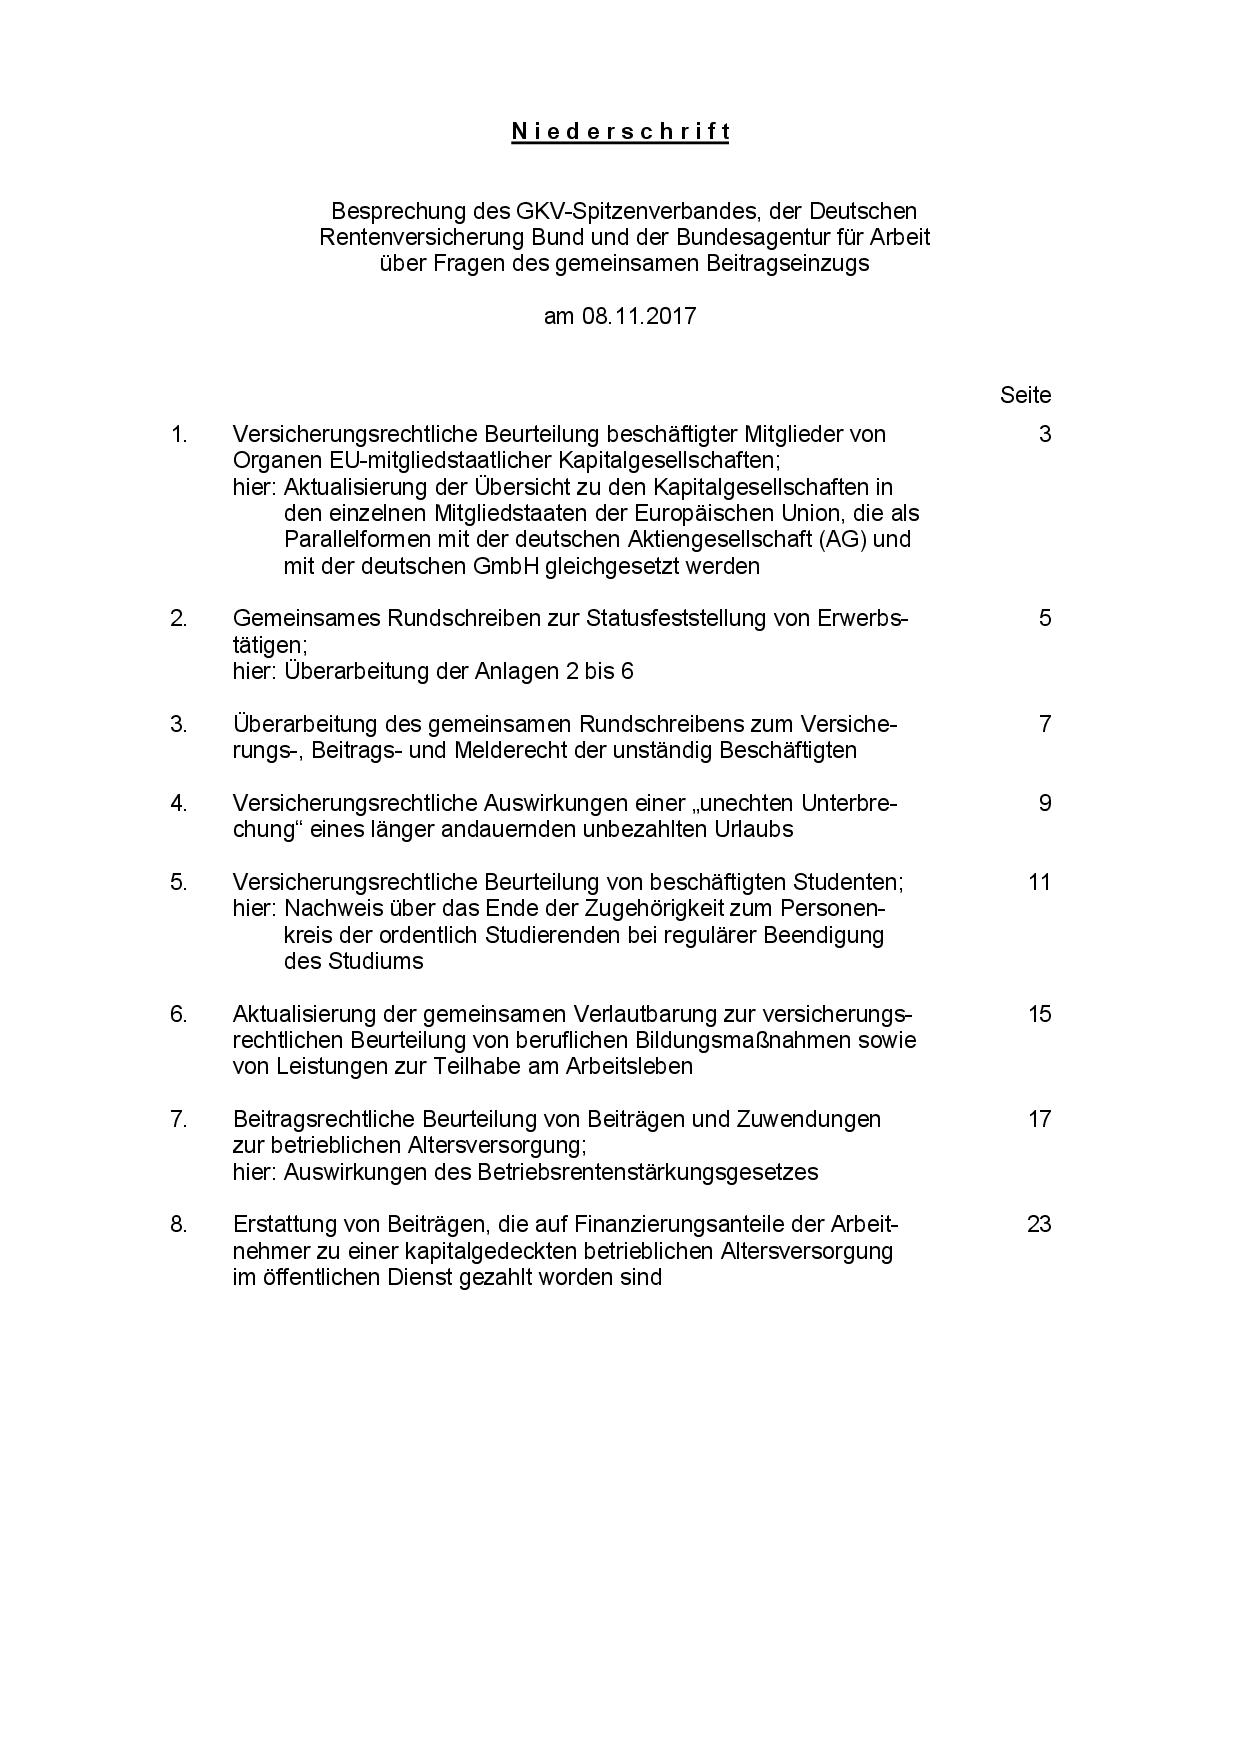 Kriterien für die Beurteilung der Sozialversicherungspflicht von Gesellschafter und Geschäftsführer sowie Statusfeststellung